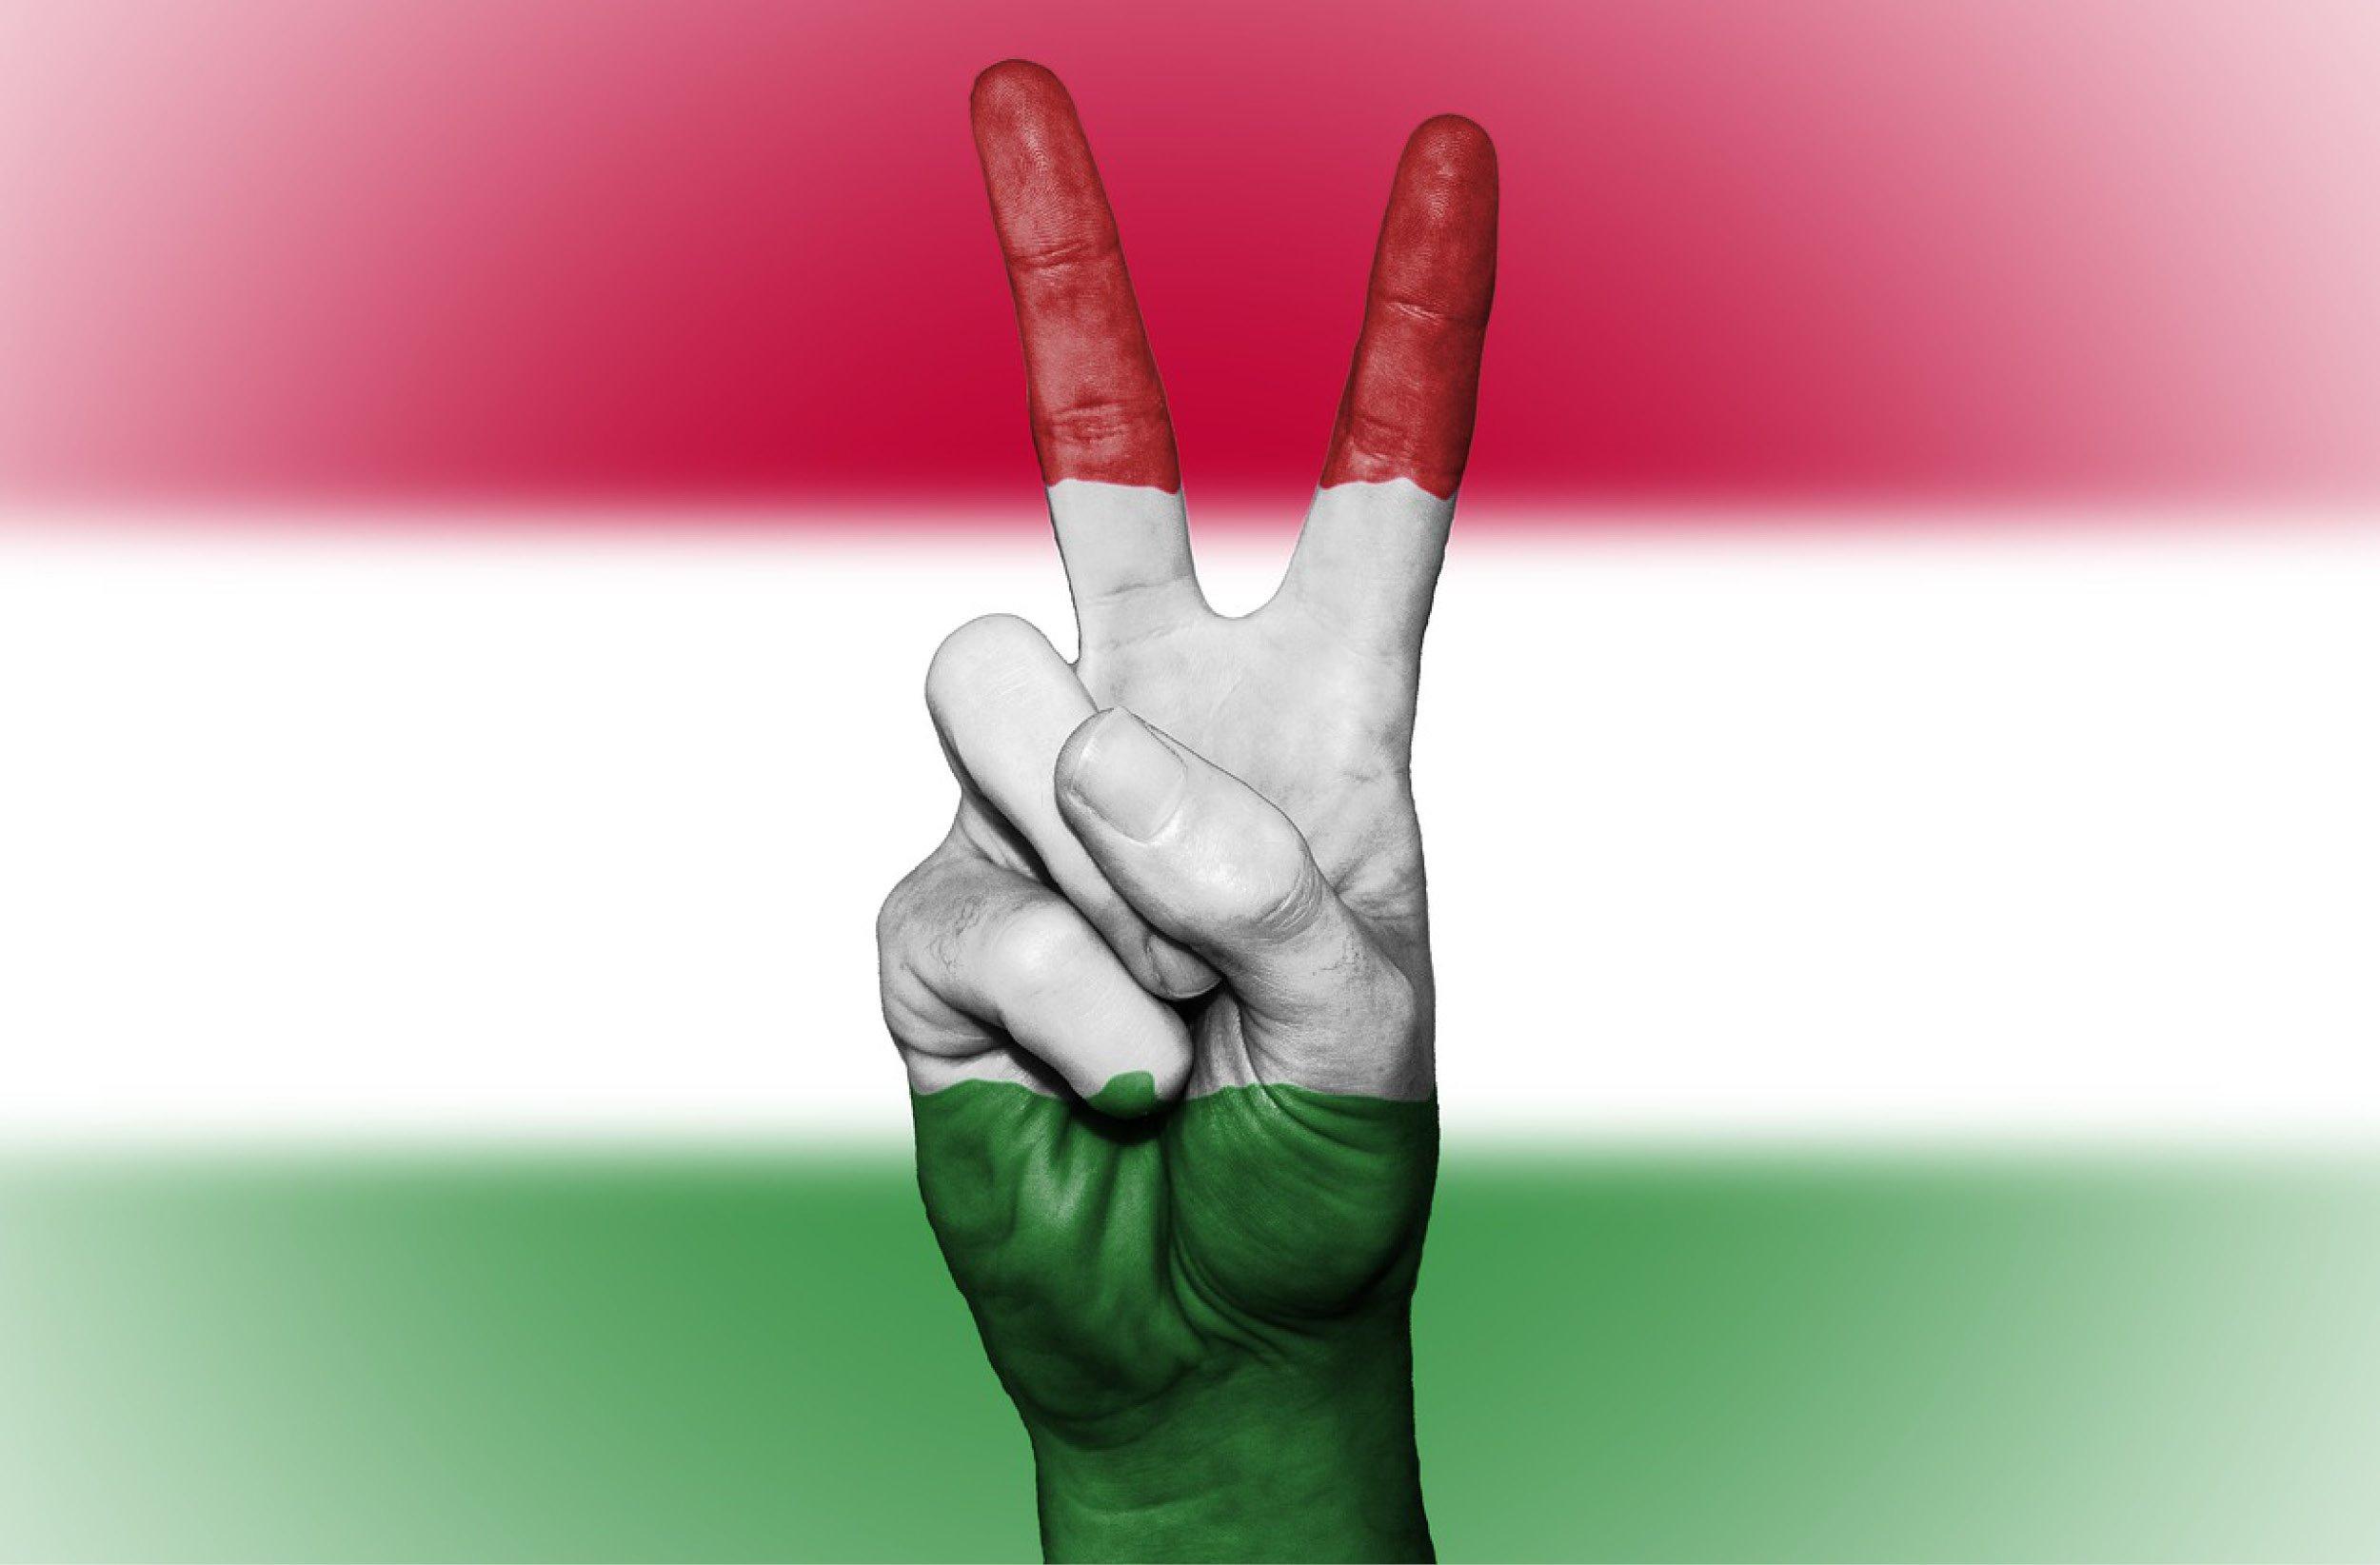 Hongrie, Pologne, République tchèque et Slovaquie : quelles opportunités ?